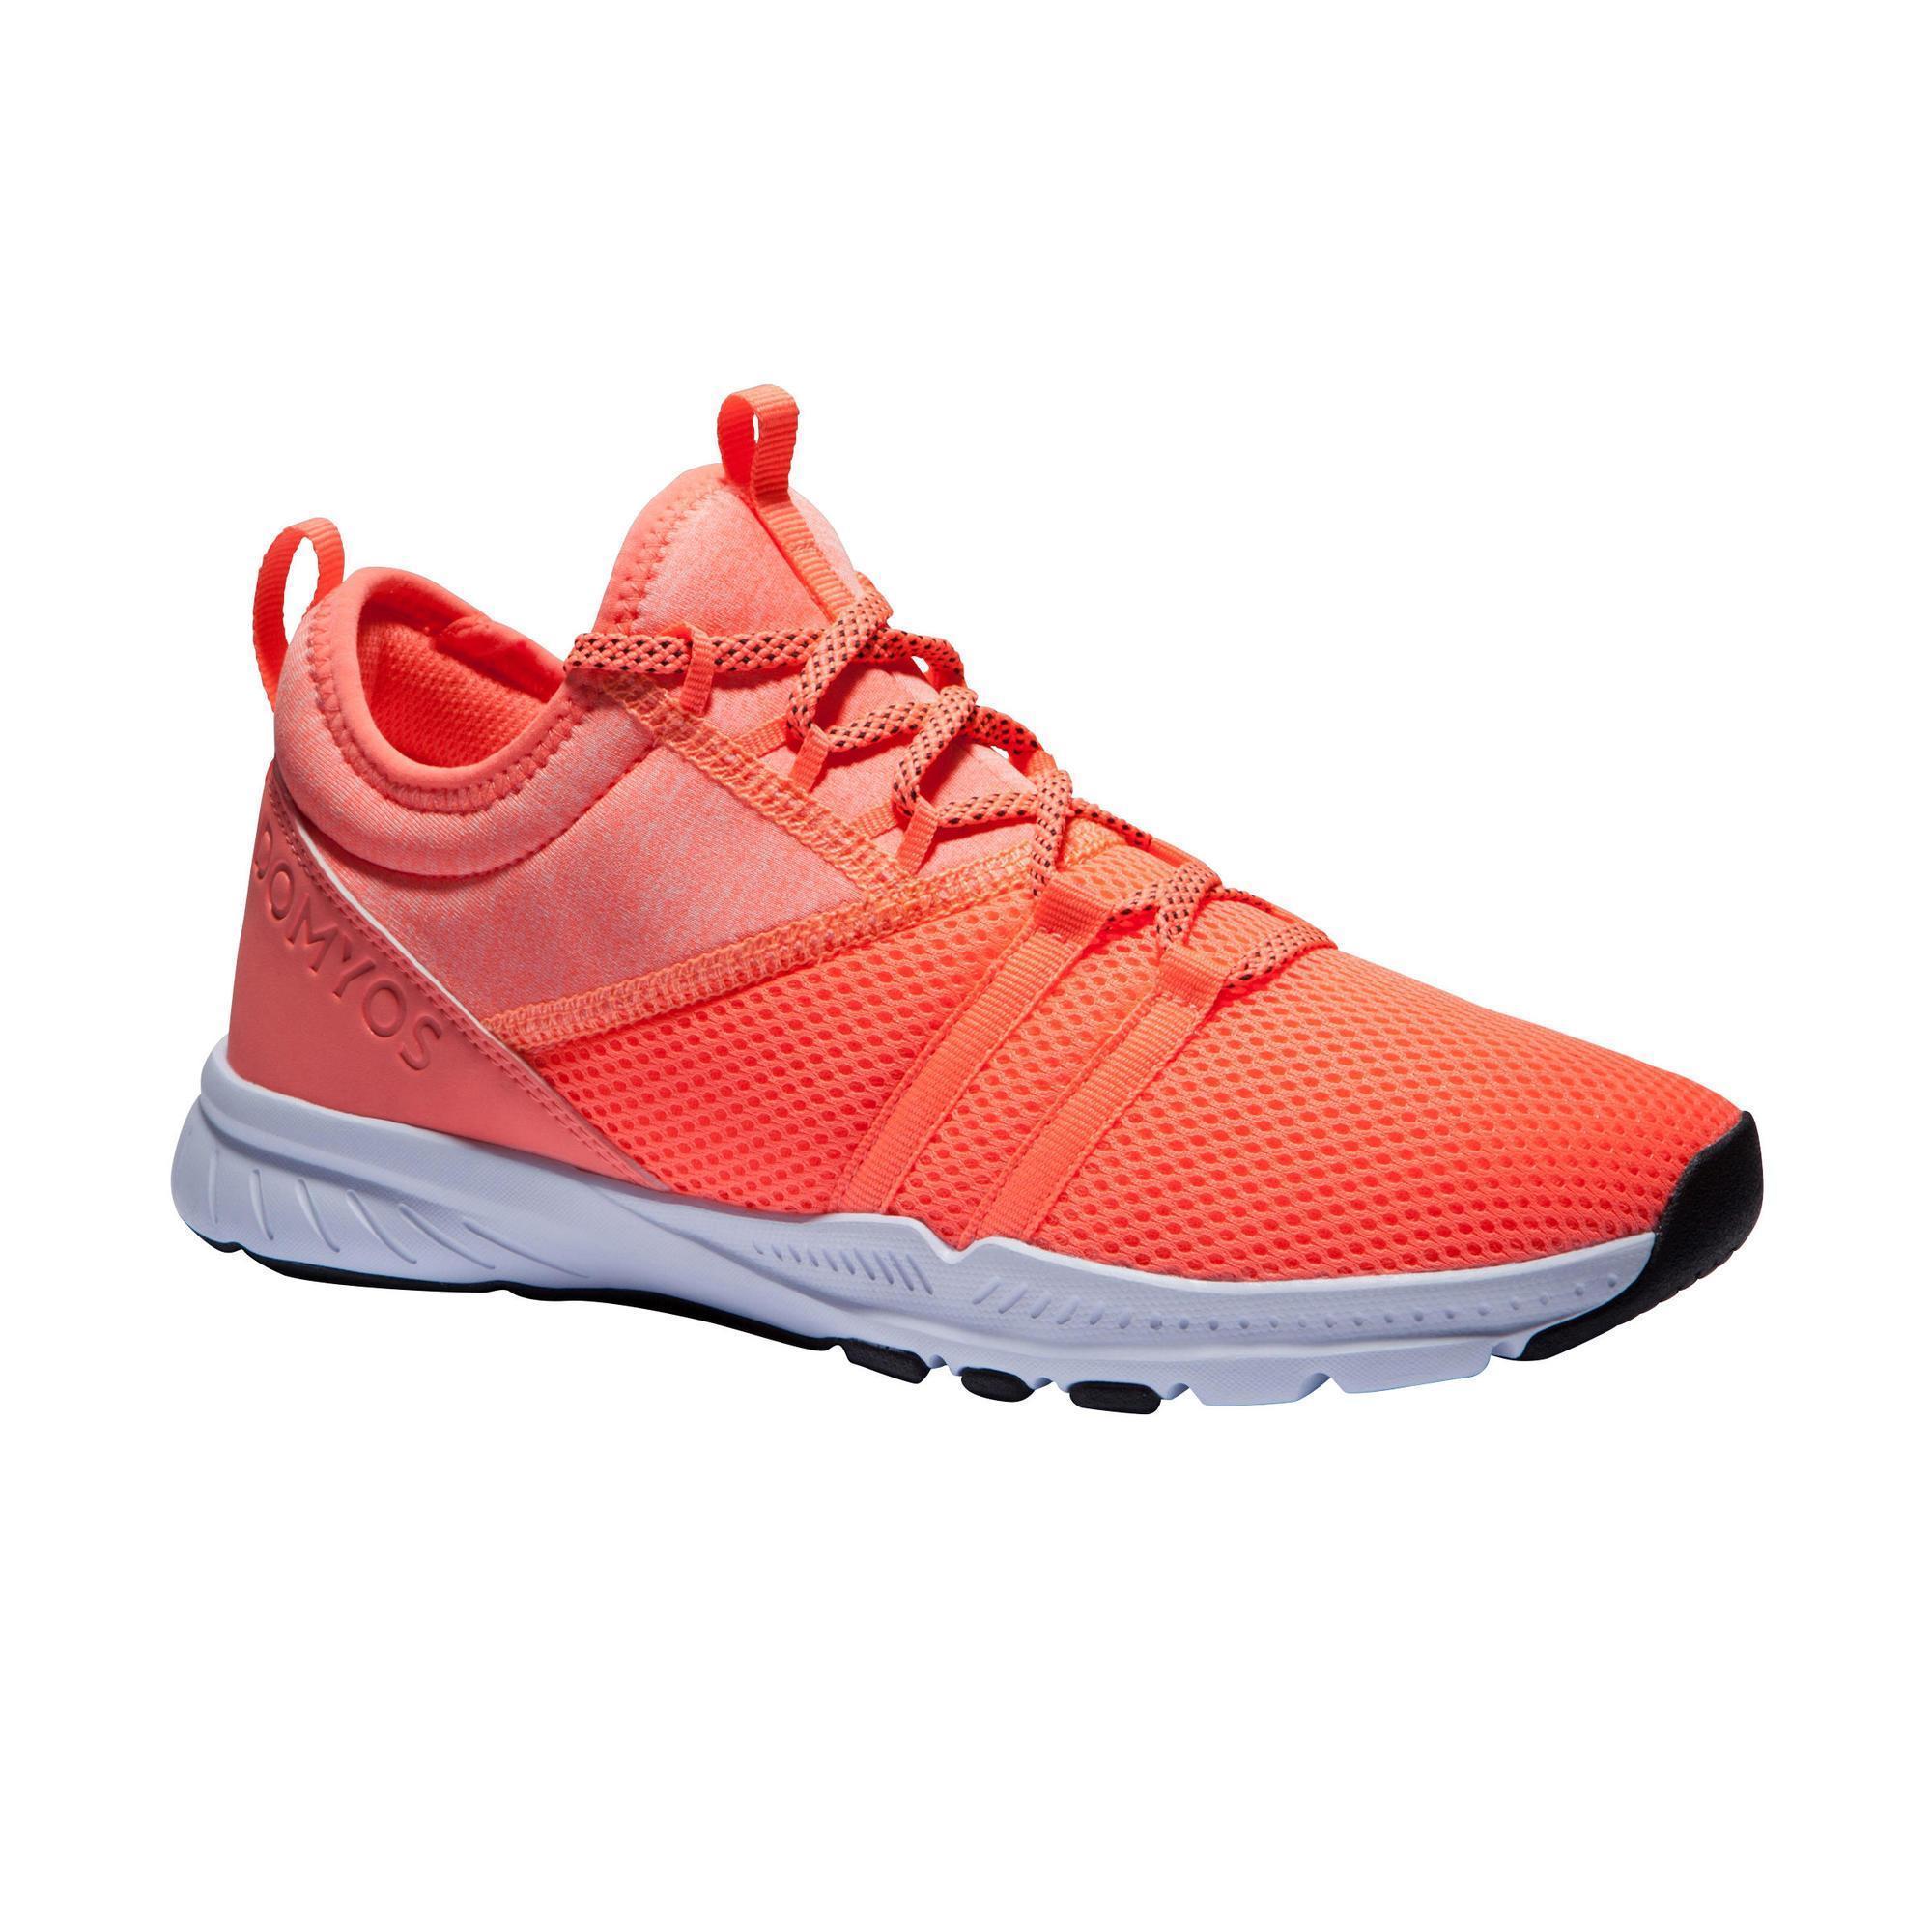 Cardio Training Fitness Shoes - Orange